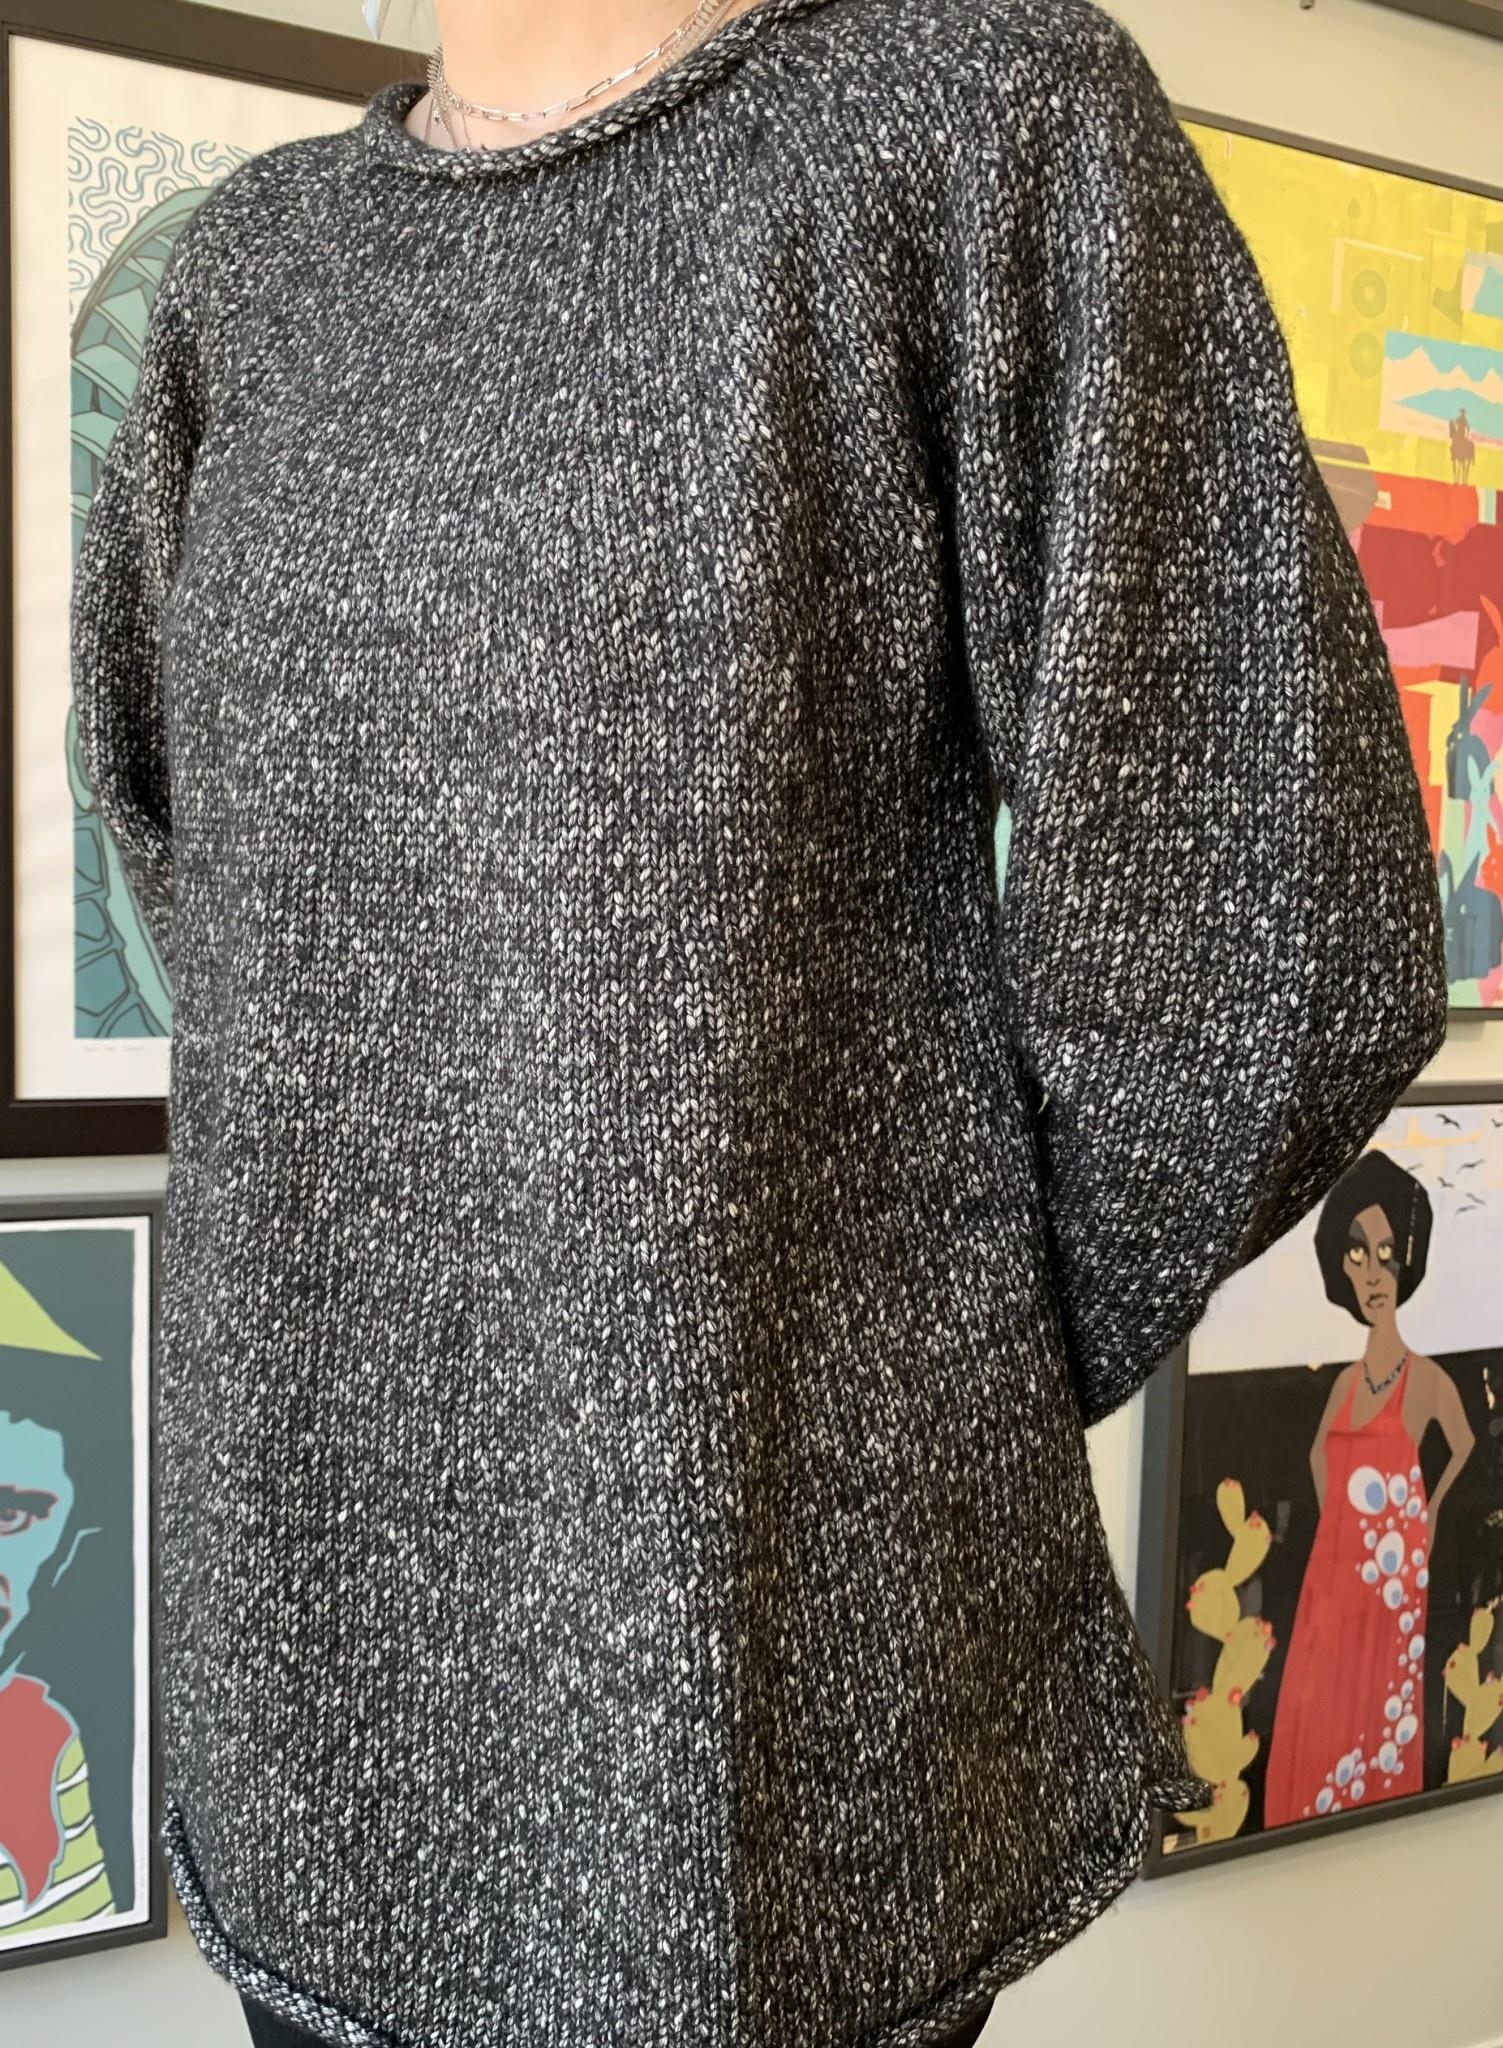 Masai Masai-Top- Sweater- Marled knit- Furaka